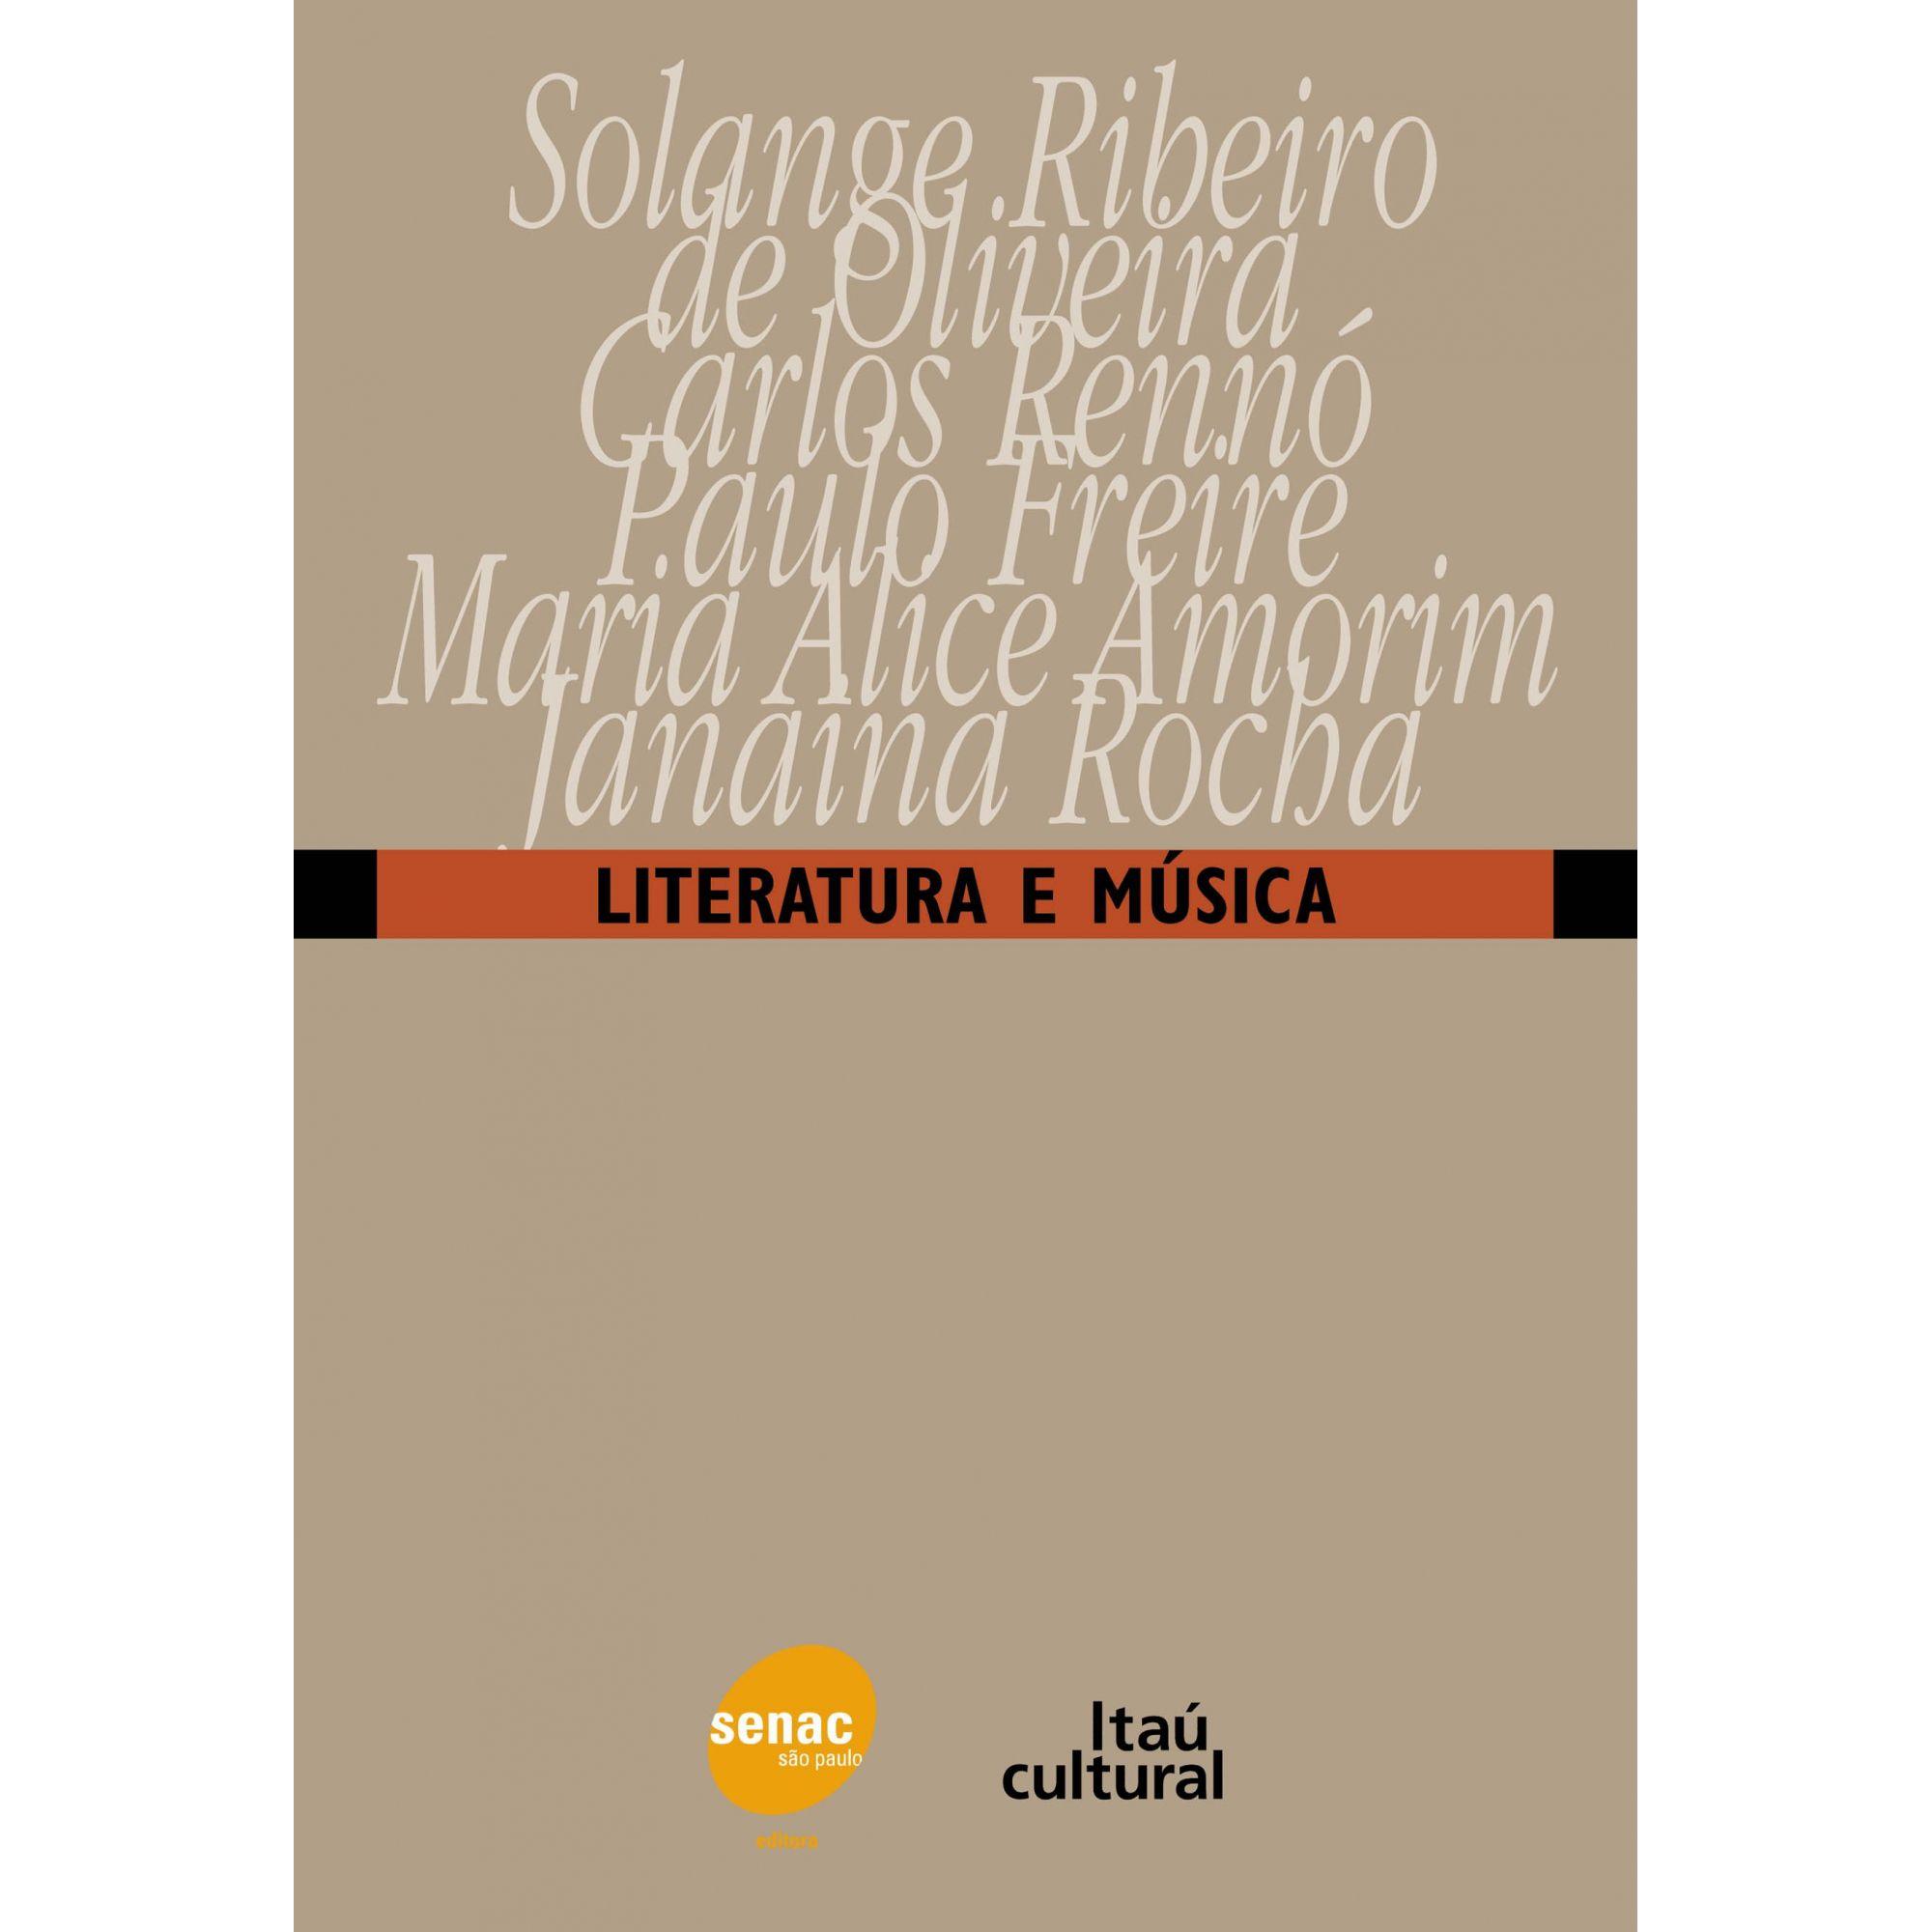 Literatura e música